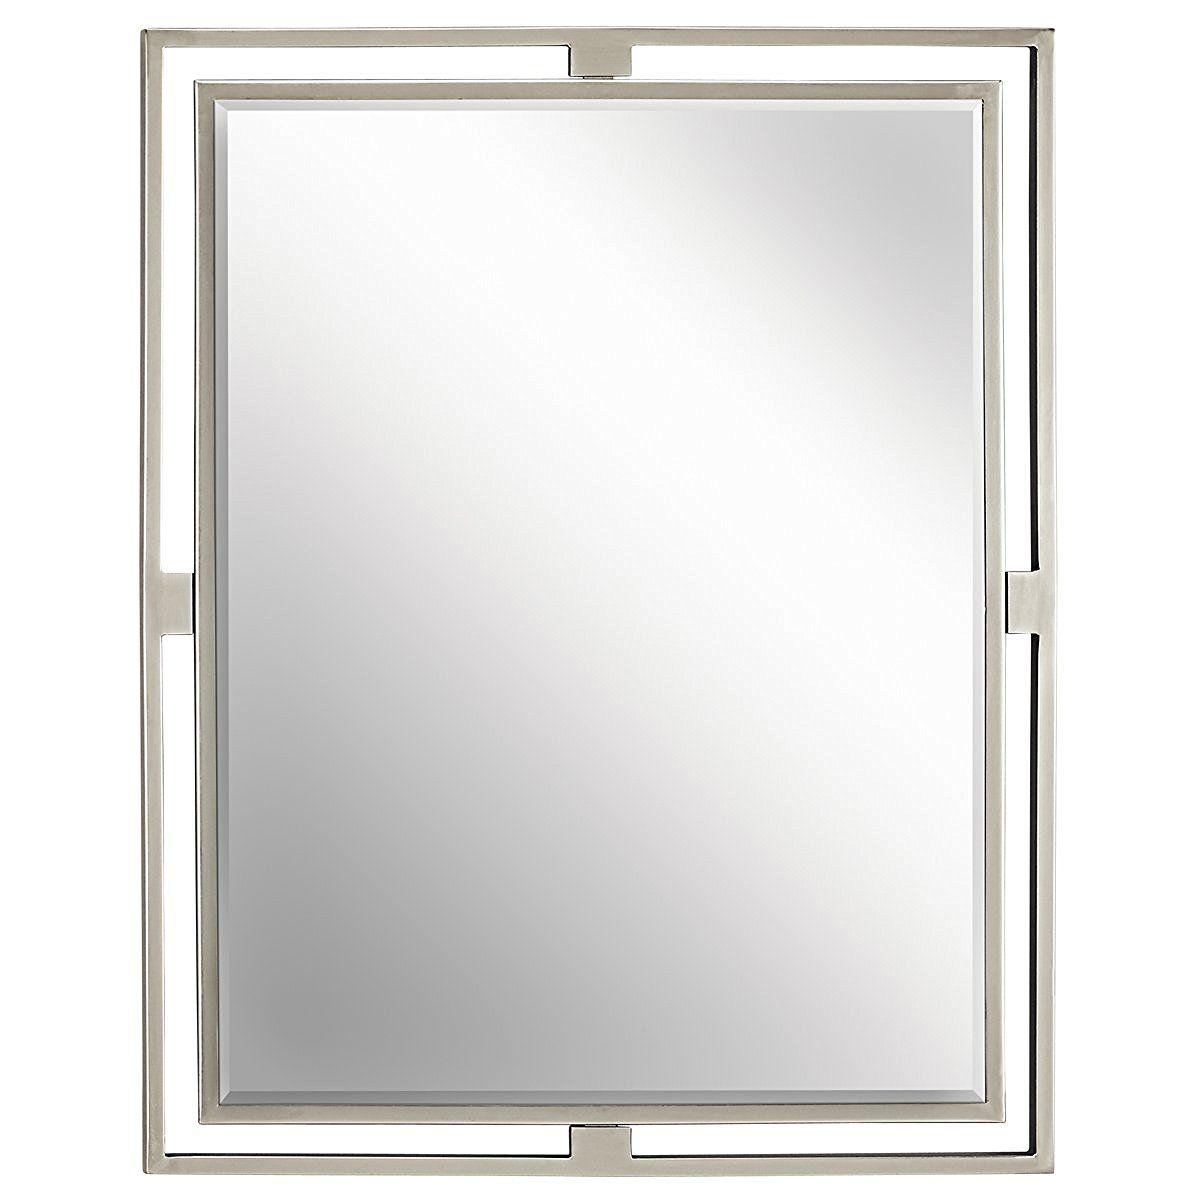 Kichler Lighting 41071NI Hendrik Rectangular Mirror, Brushed Nickel